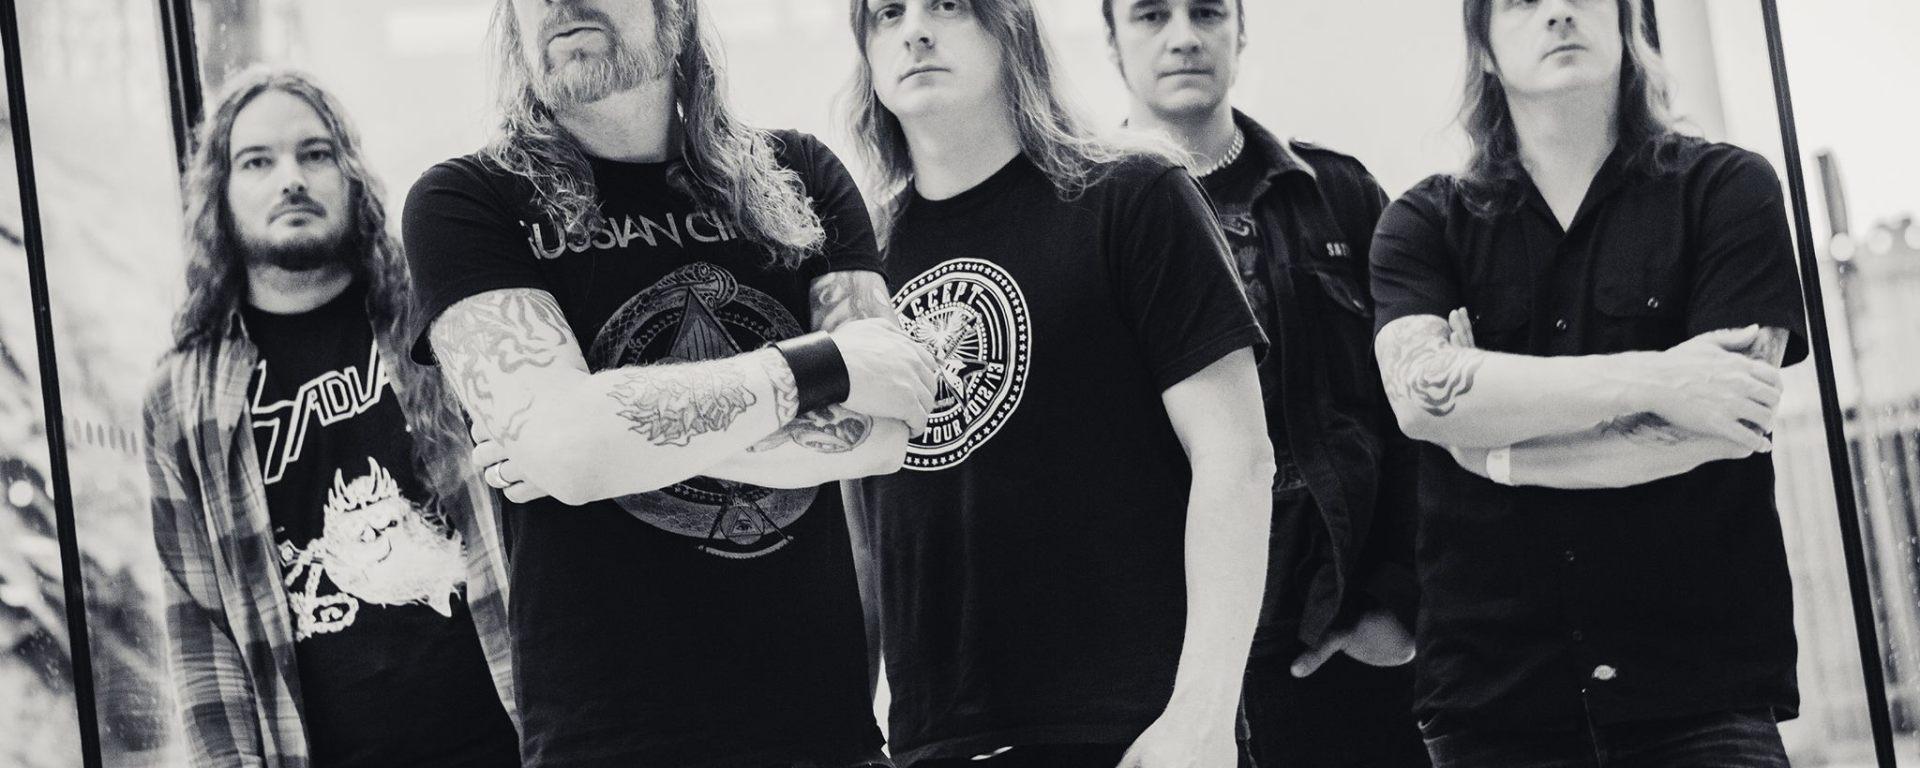 """Pionierii death metal AT THE GATES """"finalizeaza"""" mixul pentru noul lor album produs de Jens Bogren la Fascination Street Studios in Örebro, Sweden."""